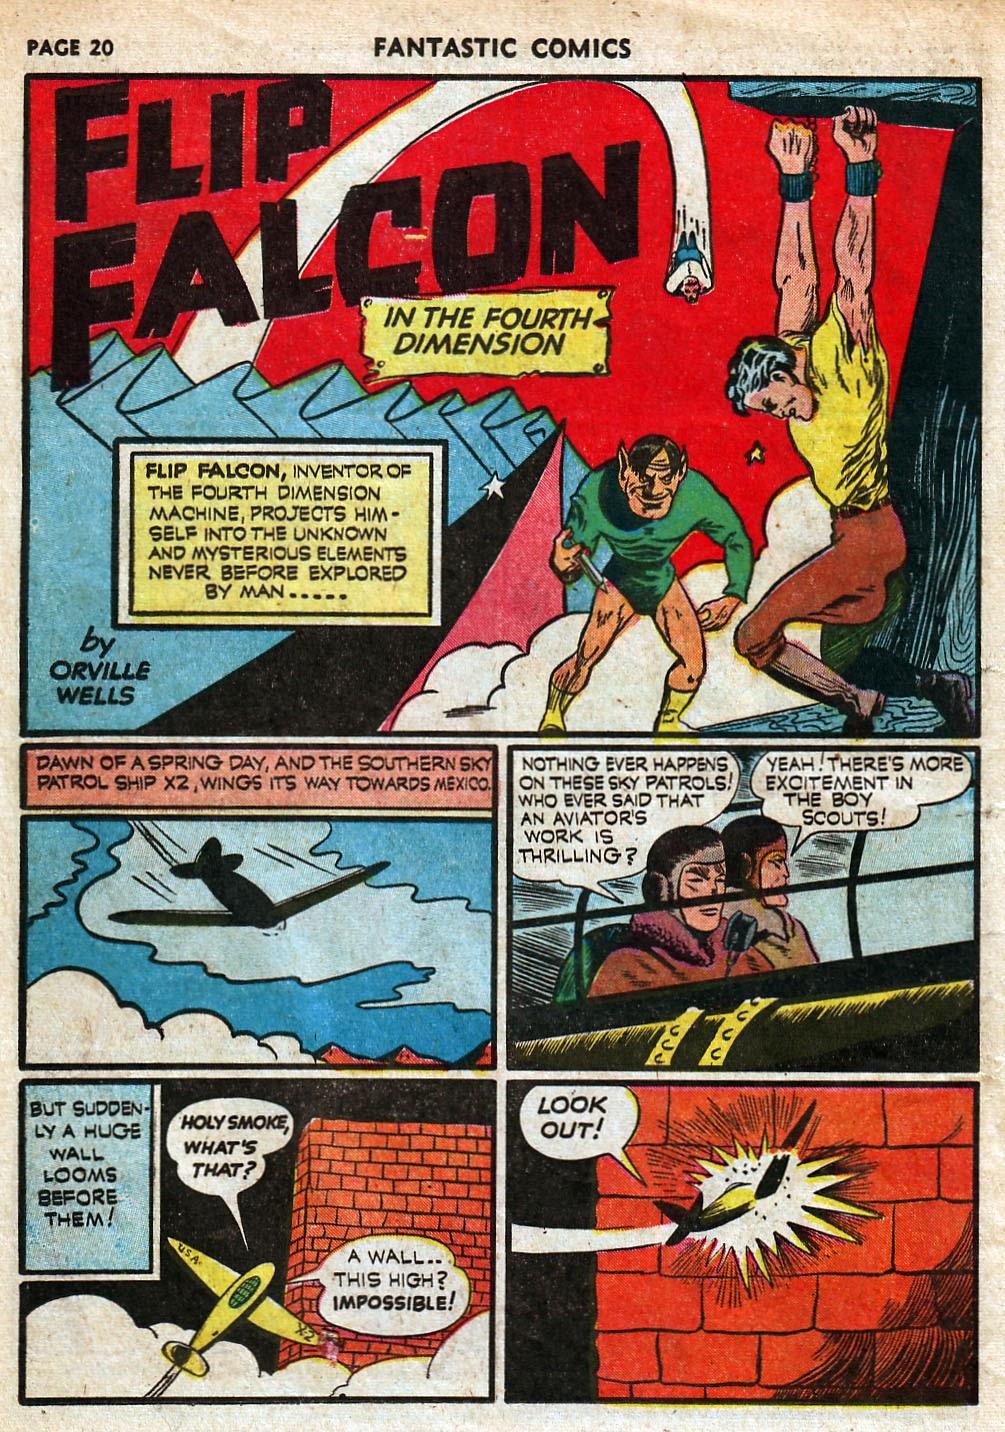 Read online Fantastic Comics comic -  Issue #18 - 22